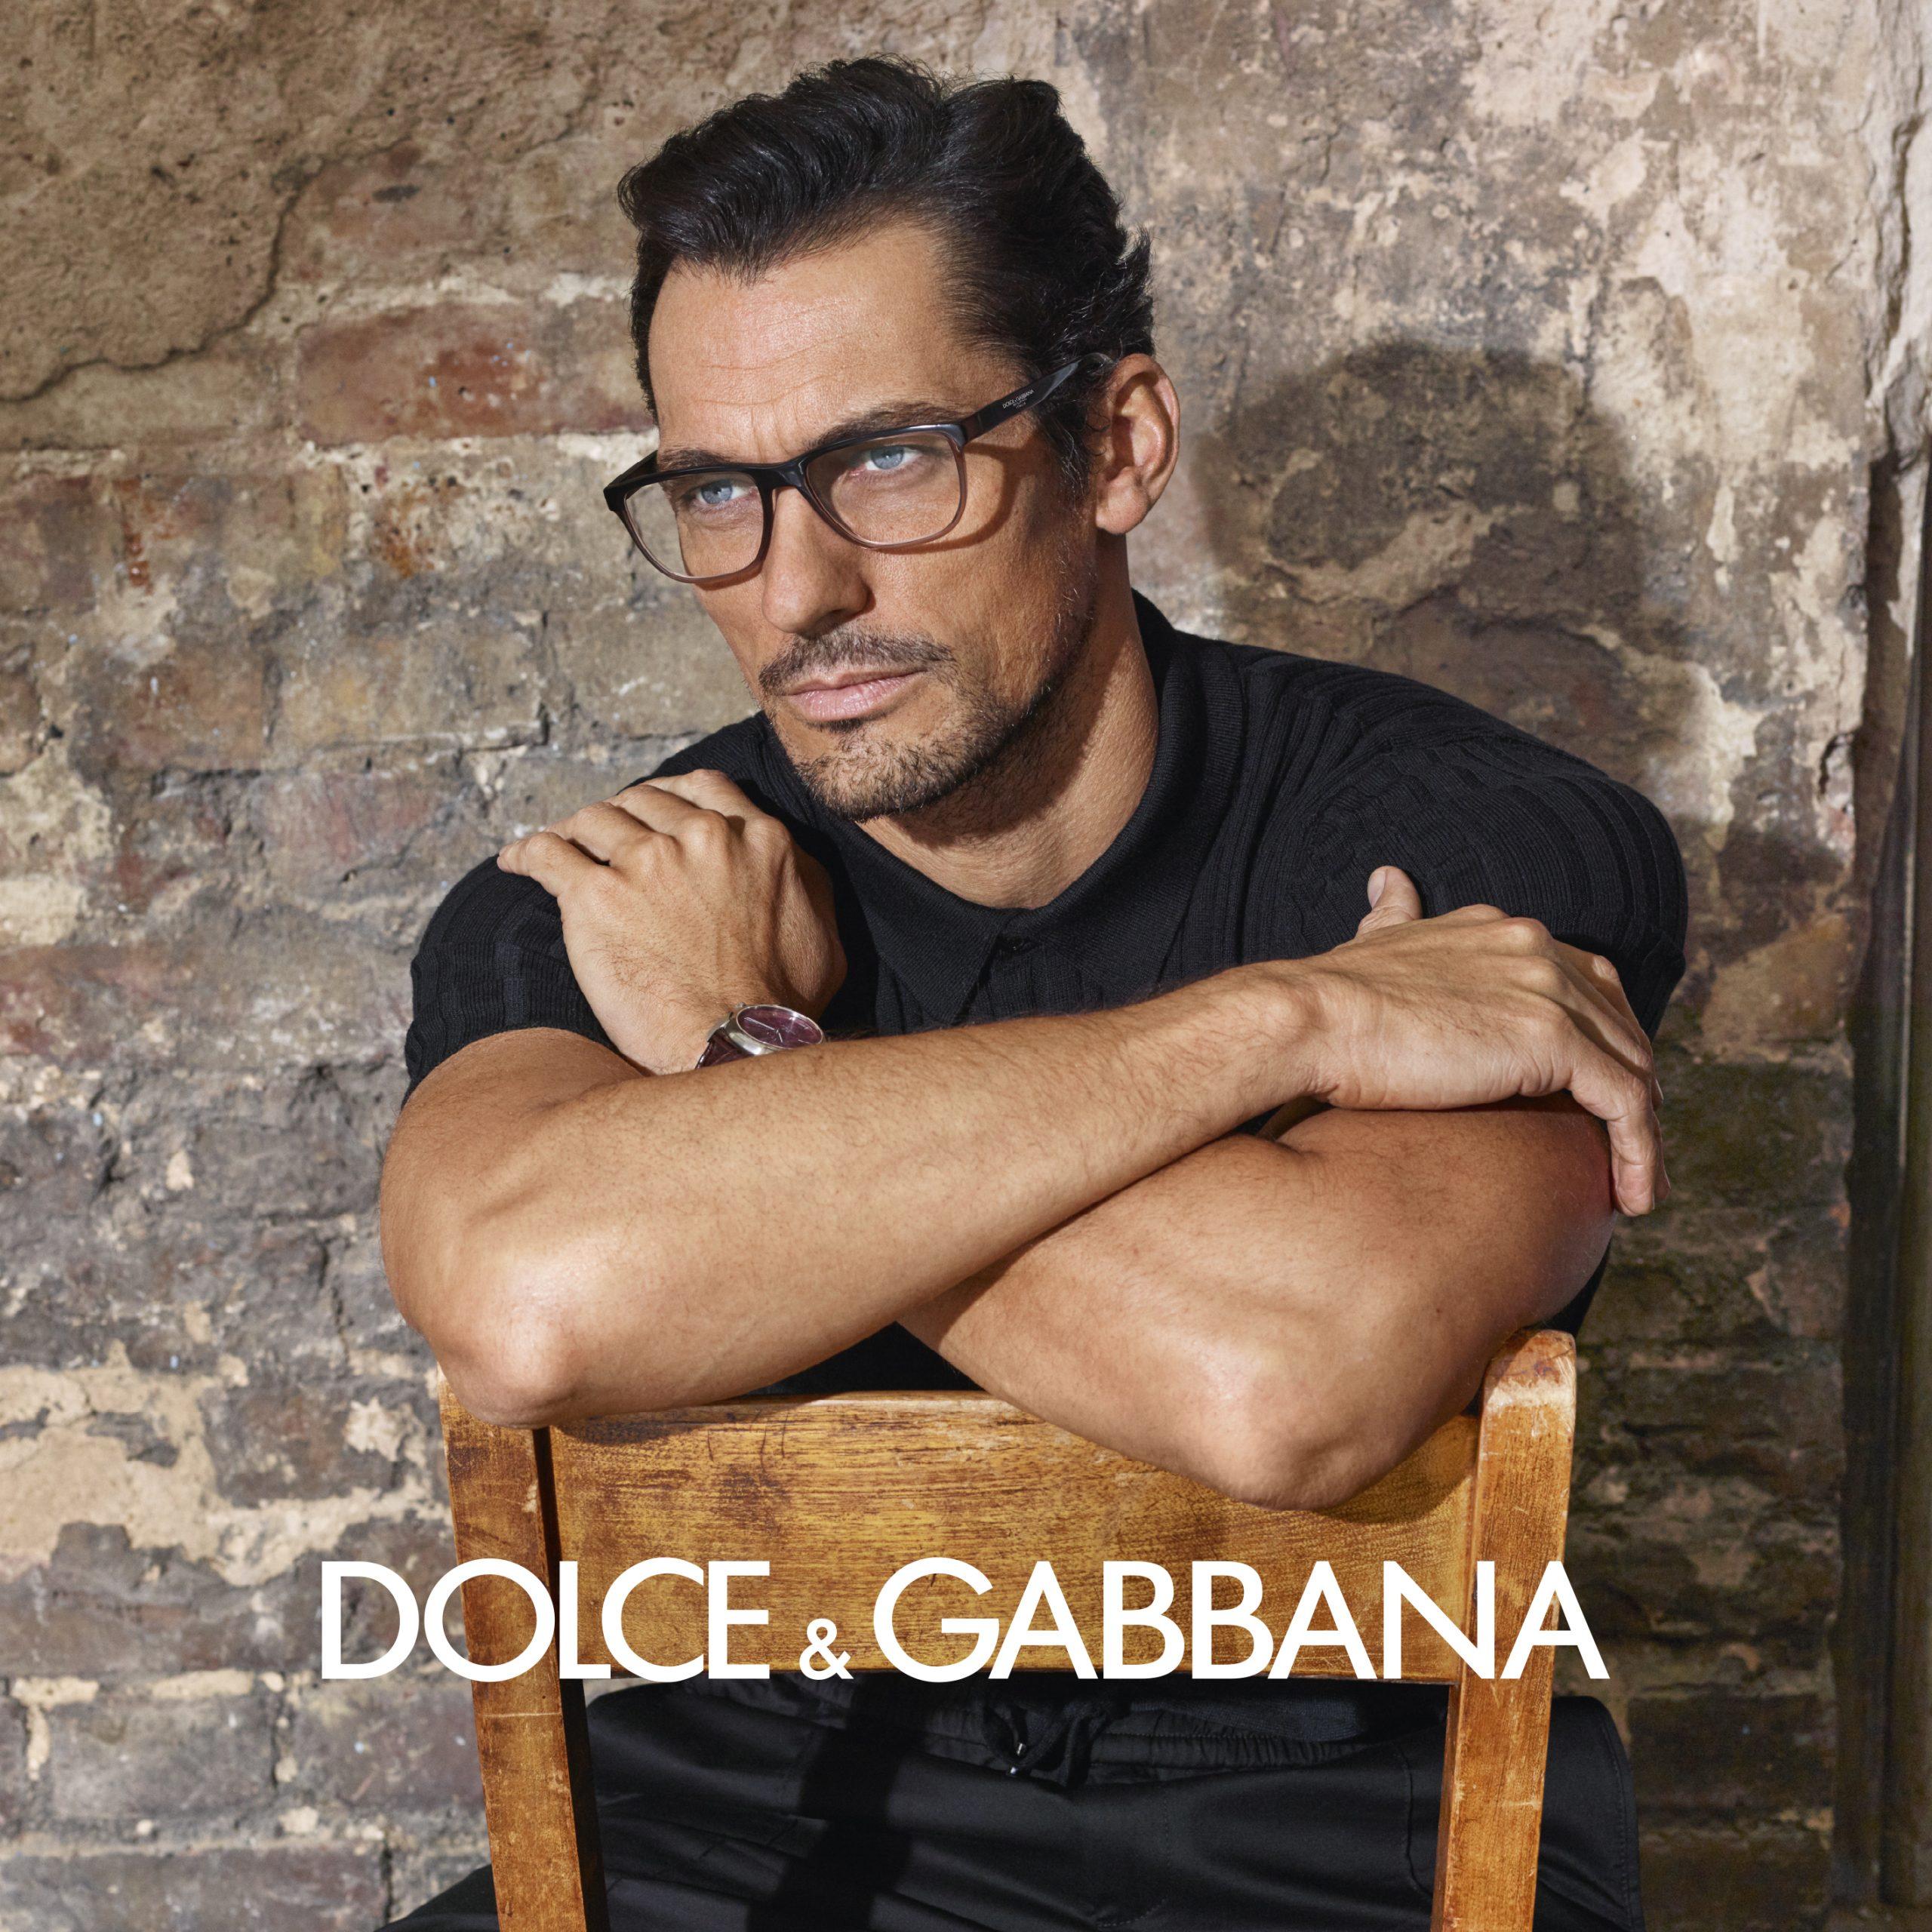 Dolce & Gabbana 4 - Ótica Pitosga